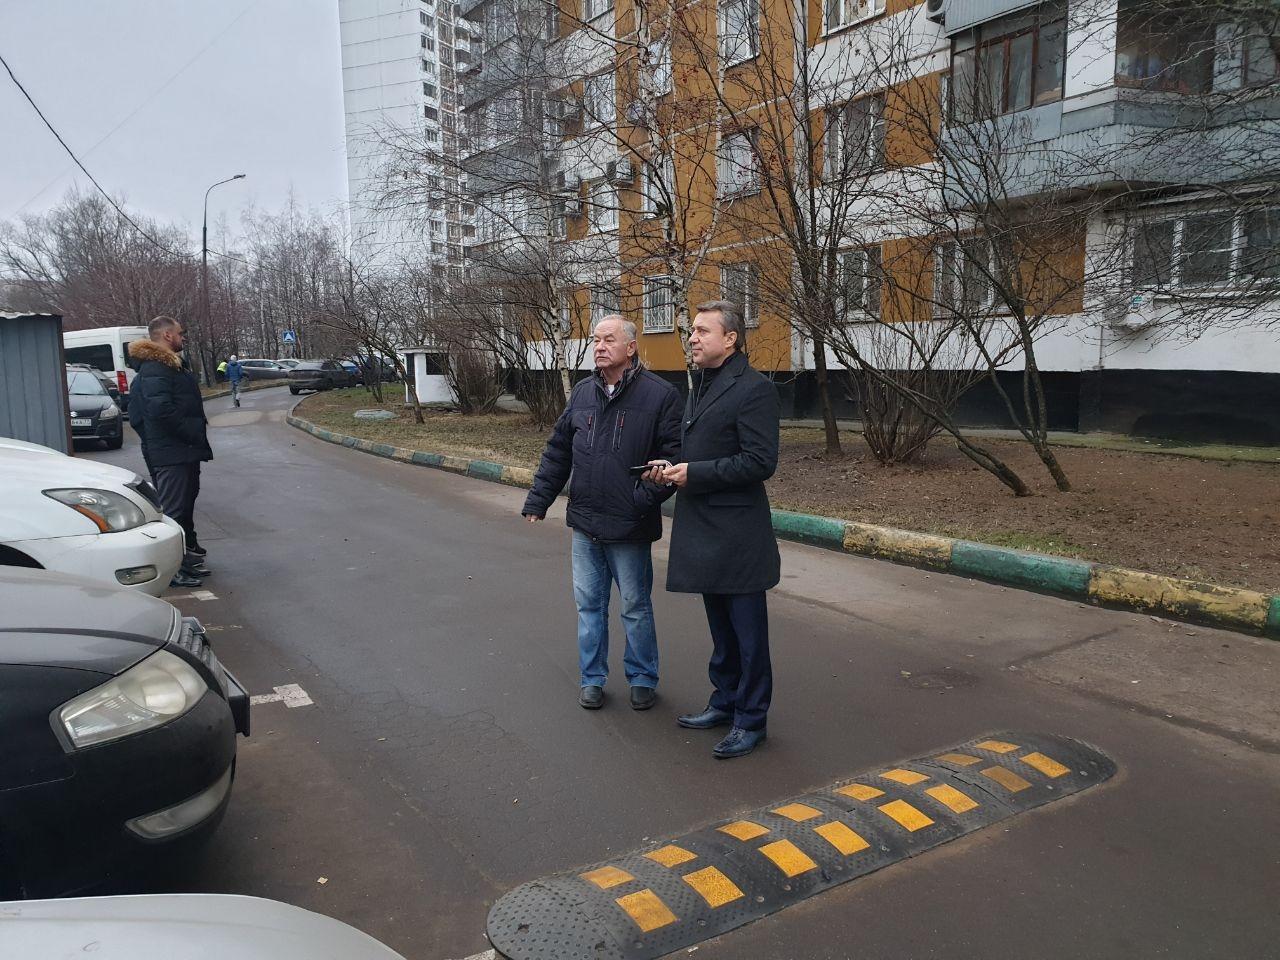 Где можно в Москве Центральное Чертаново больничный лист купить